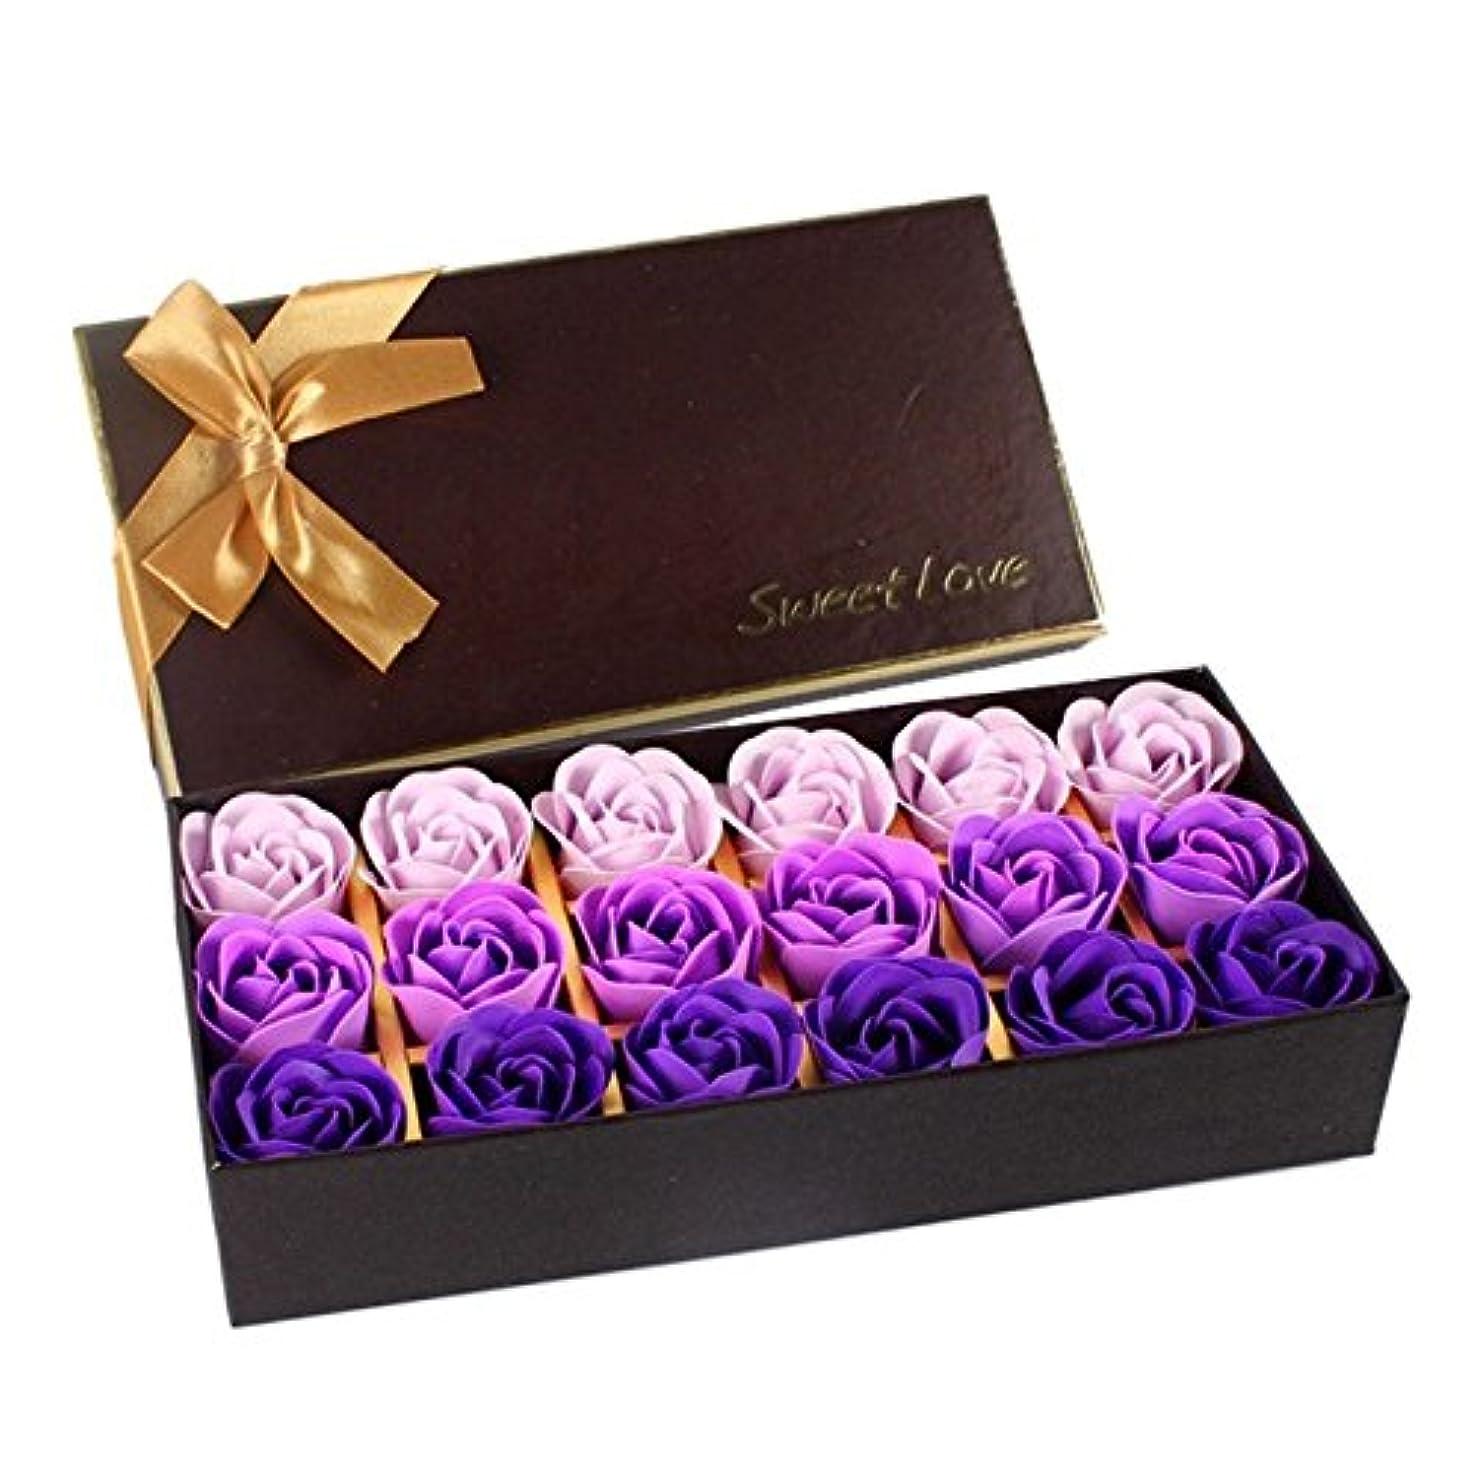 損失テクトニックファイターローズ フラワーソープ 石鹸 薔薇 プレゼント お祝い ② #334